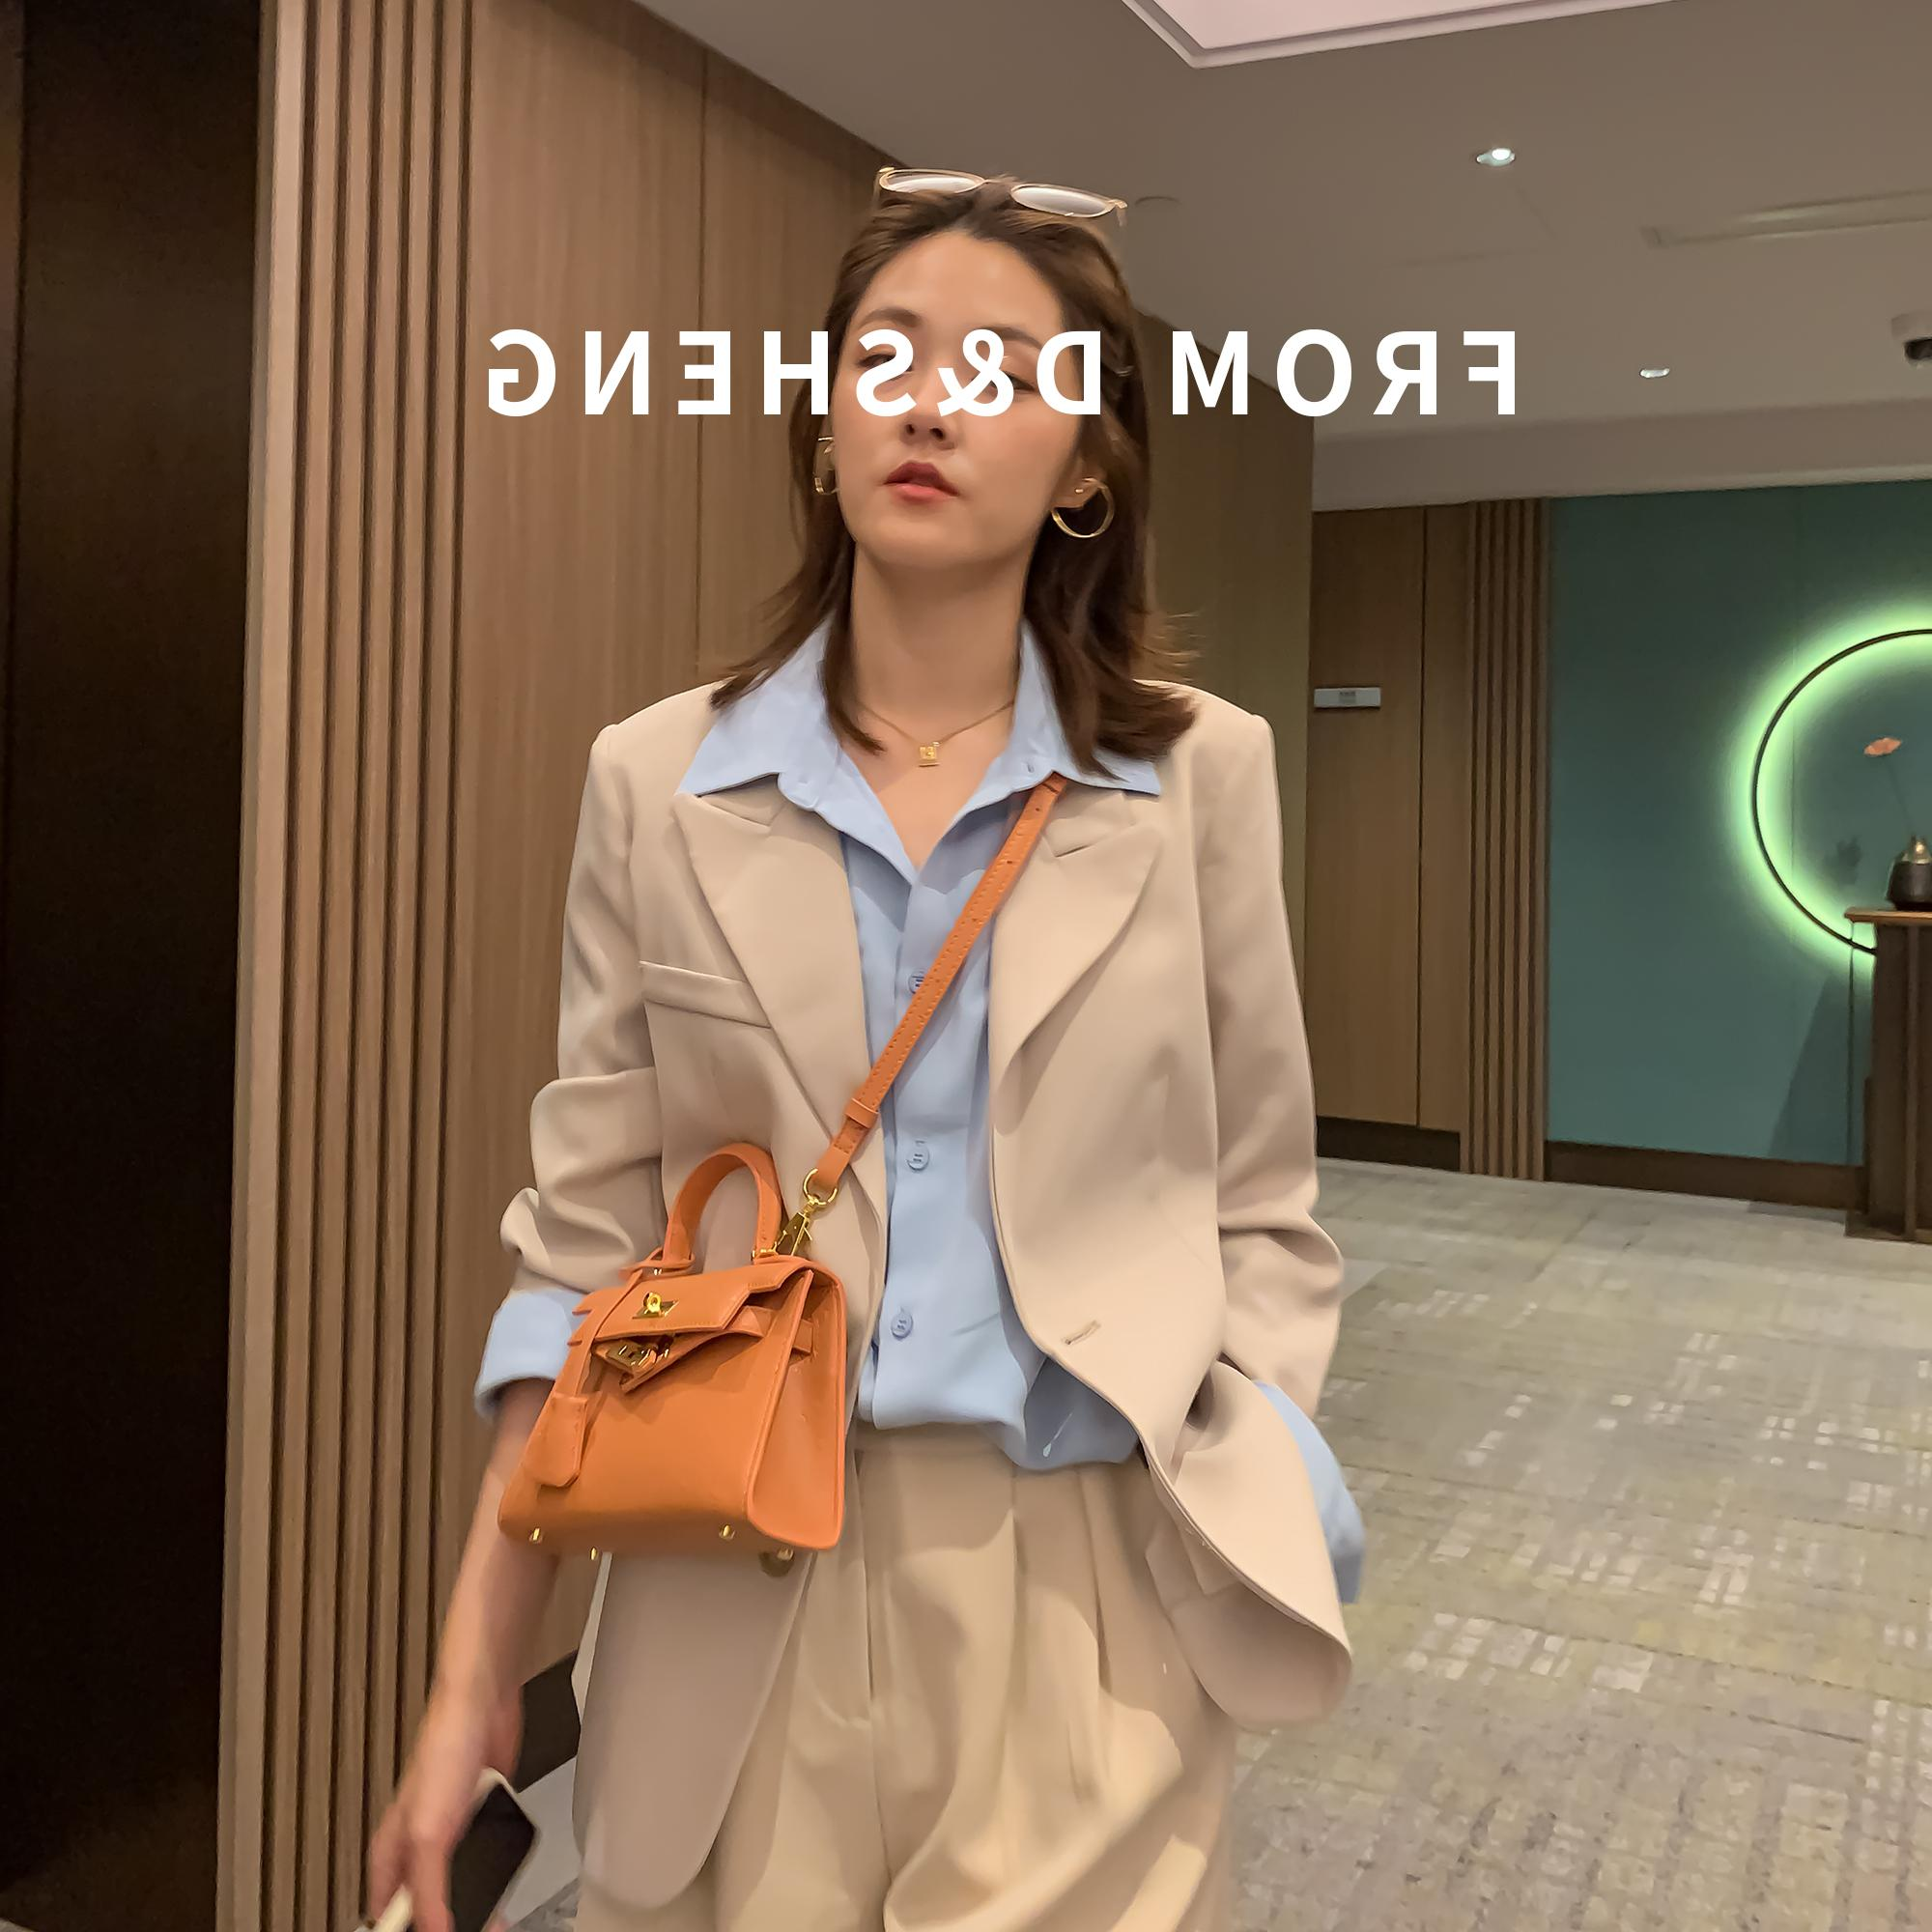 迪奥手提包 纹二代凯莉包包2020新款潮时尚女包斜挎单肩手提迷你小包迪奥菲儿_推荐淘宝好看的迪奥手提包